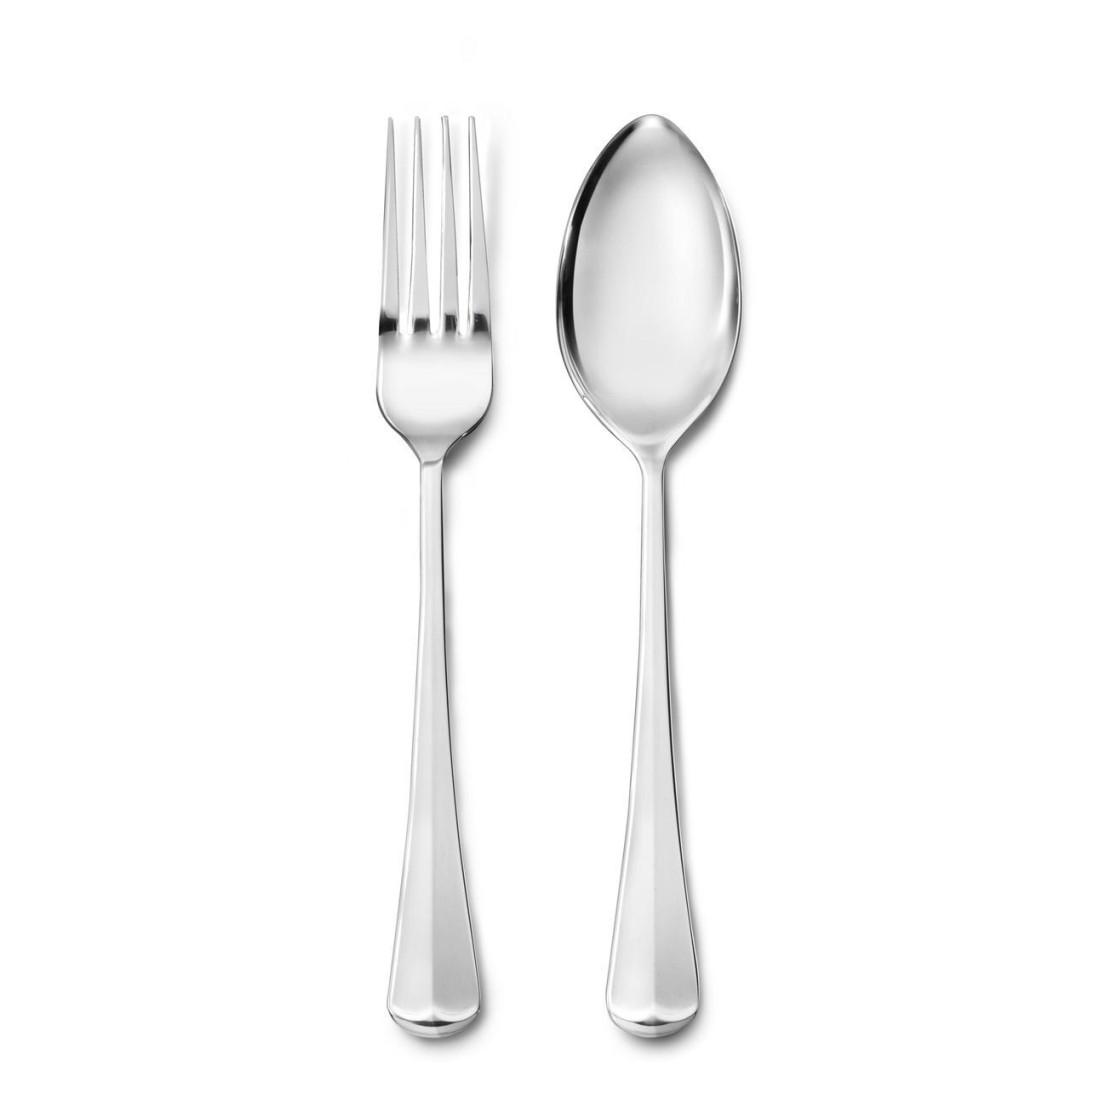 Besteck Haags Lof (2-teilig) – Versilbert – Silber, Zilverstad online bestellen